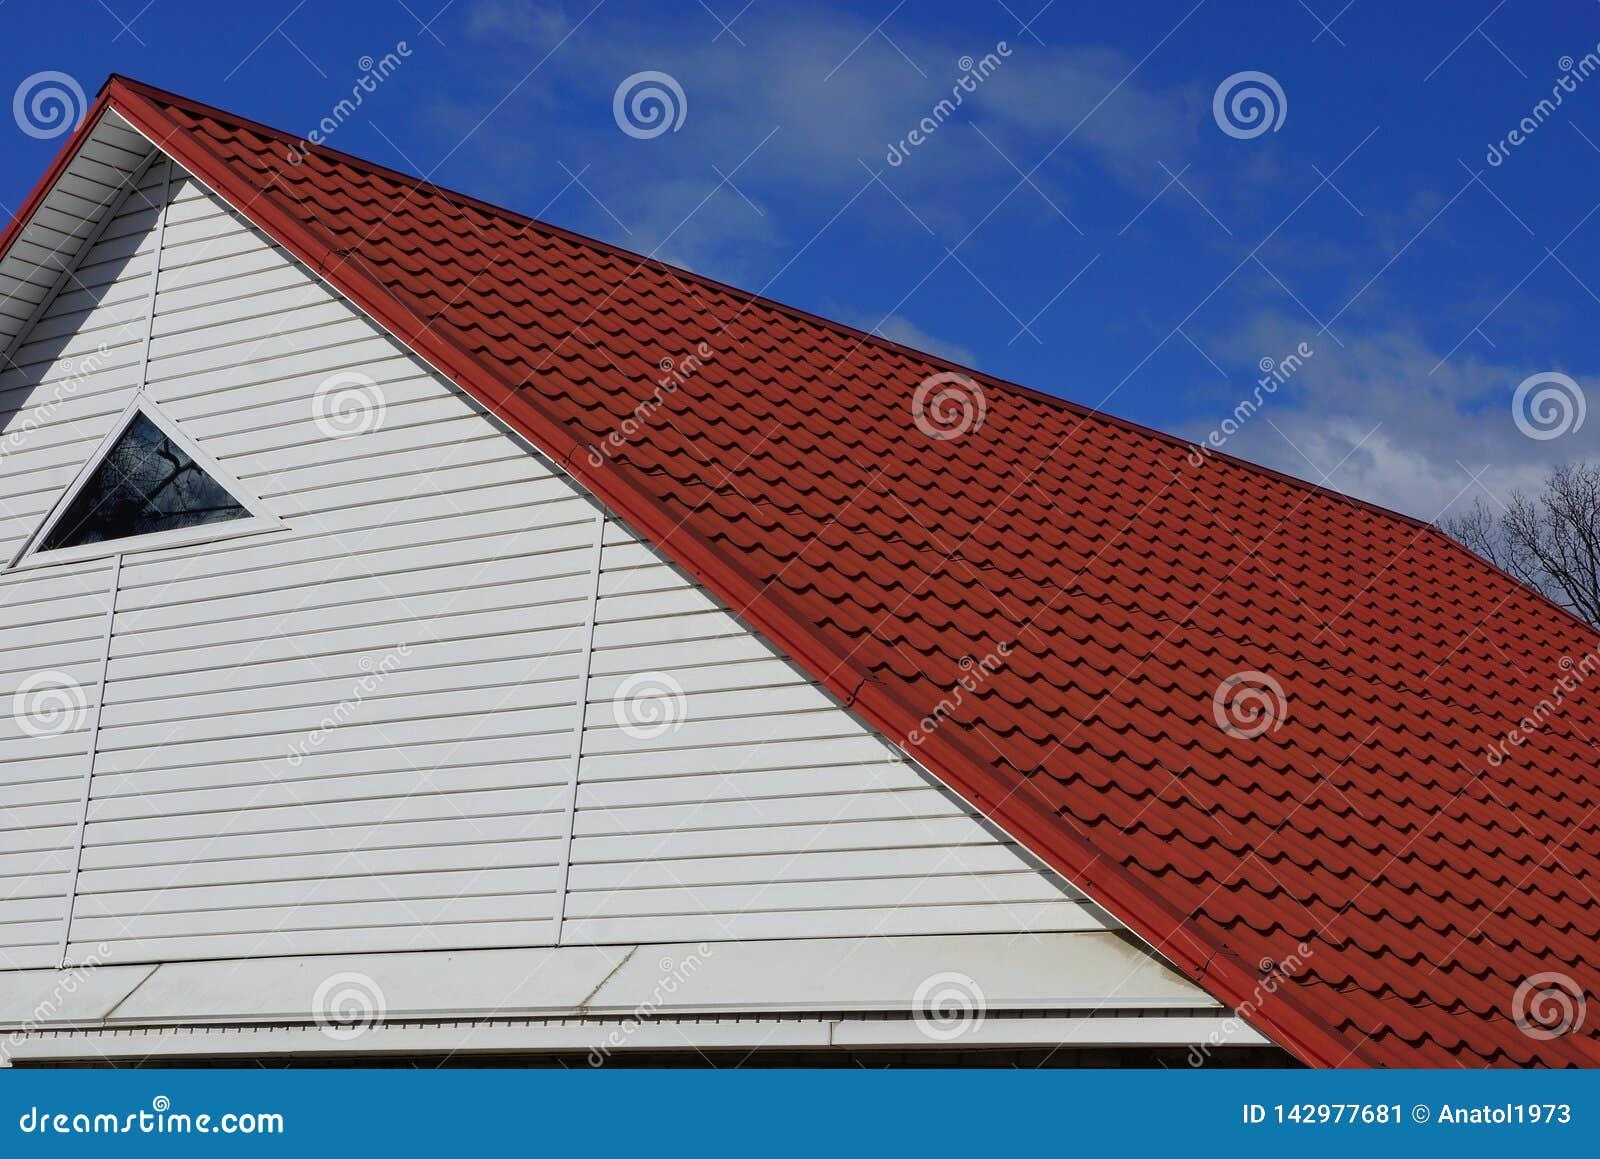 Vit loft med ett litet fönster under taket för röd tegelplatta mot himlen och molnen